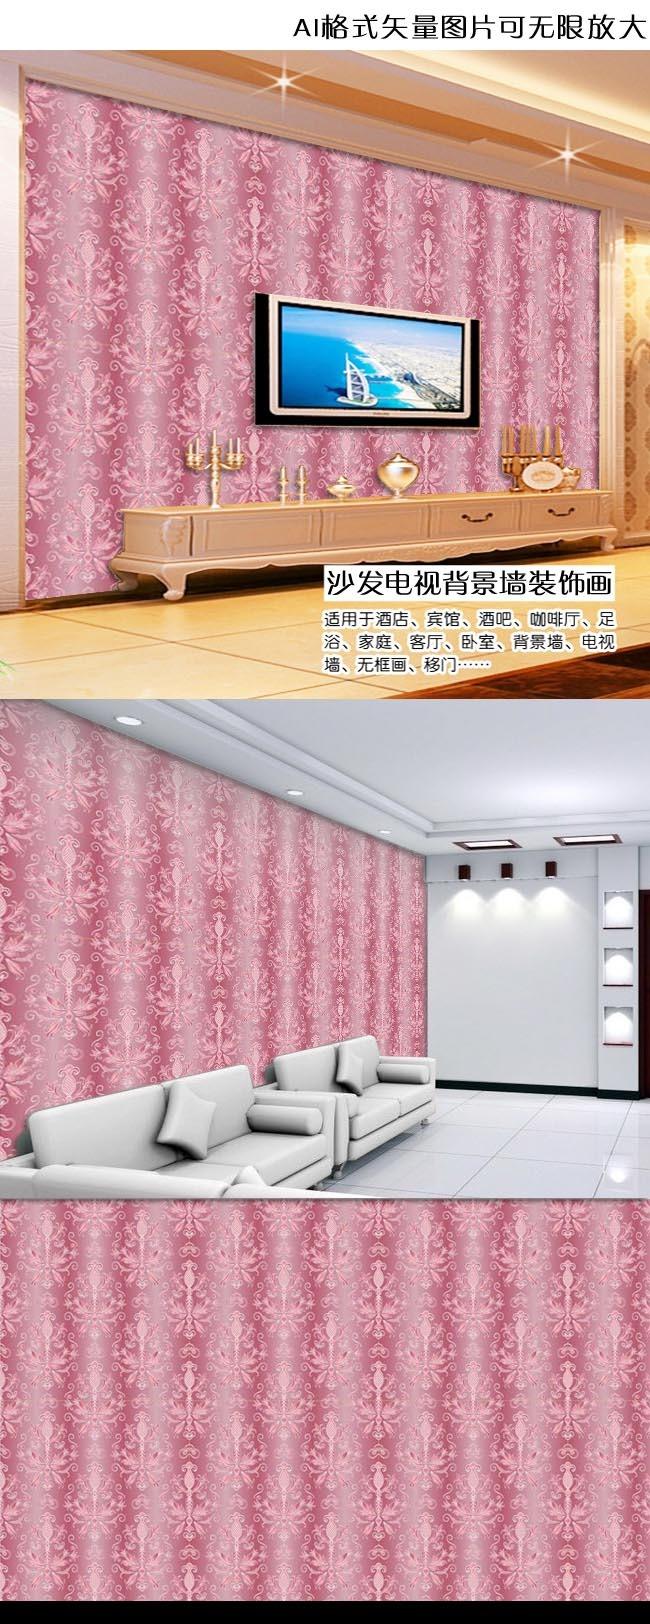 粉红色欧式风情沙发背景墙